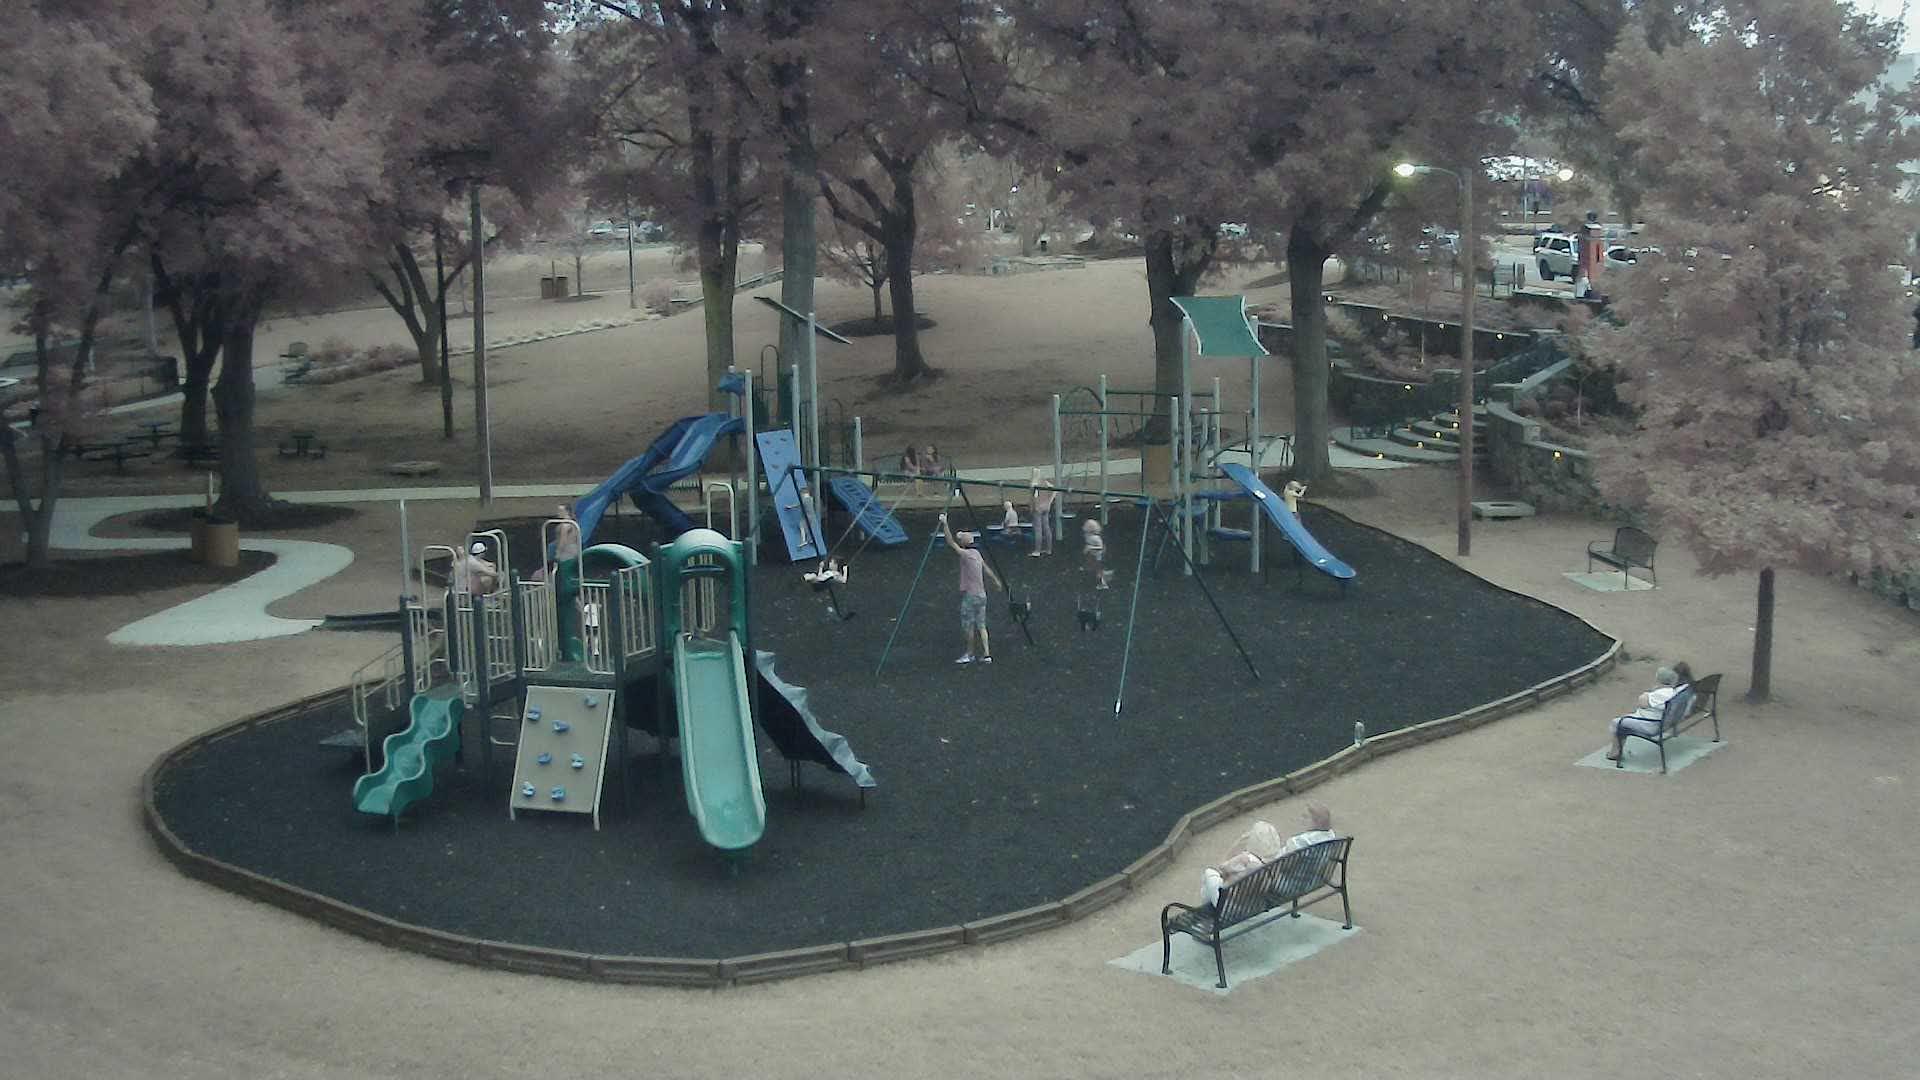 1915 - Stowe Park Playground @ 9/18/2020 11:26:29 PM